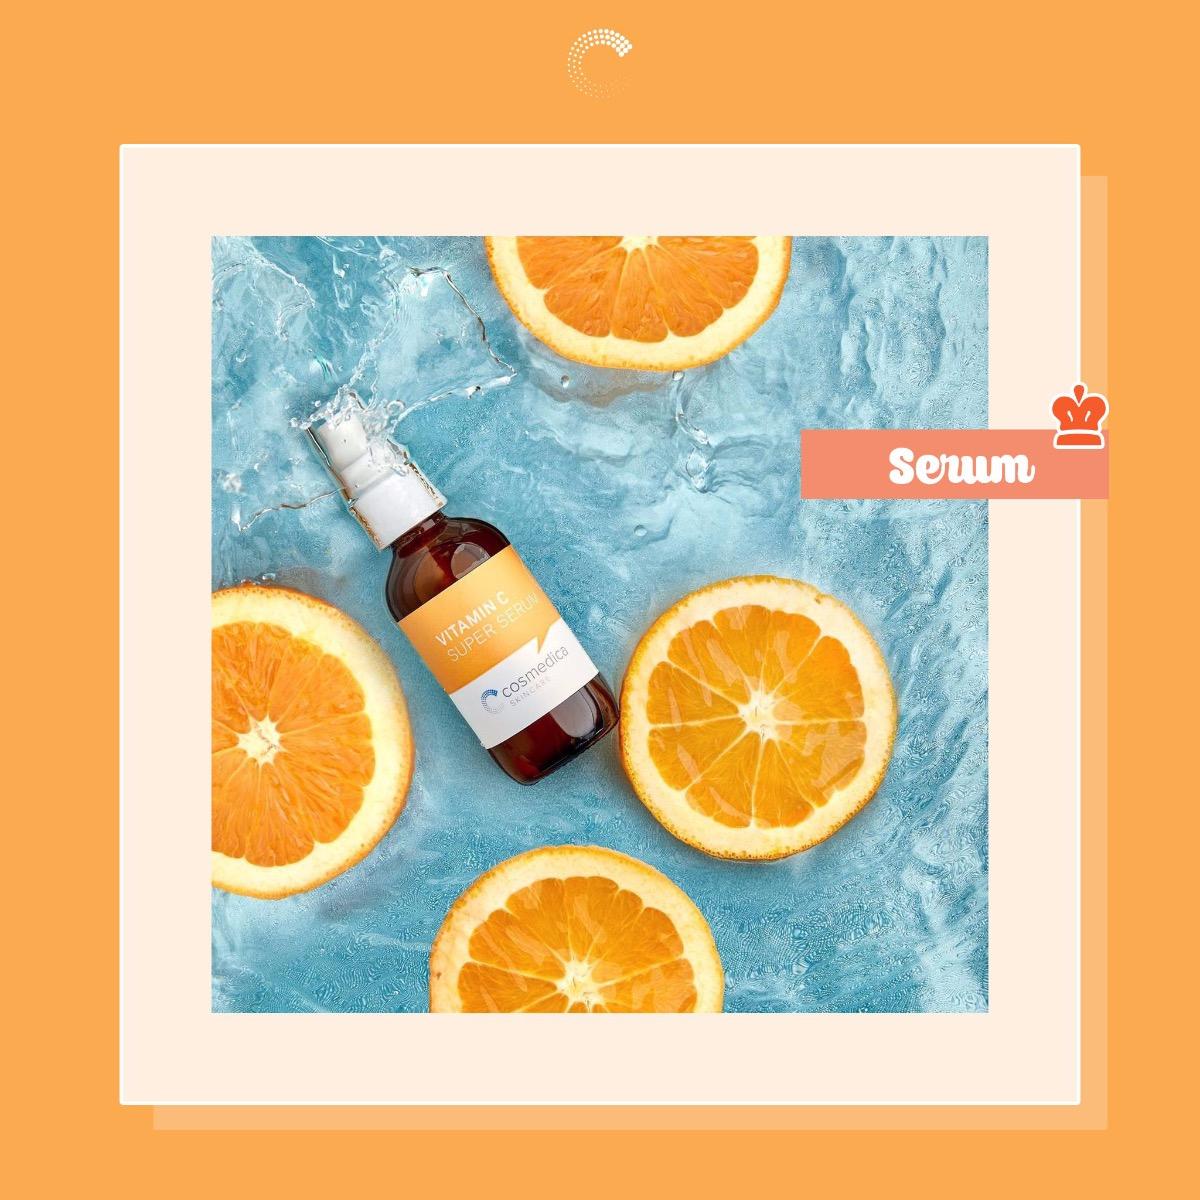 Tinh Chất Cosmedica Vitamin C Dưỡng Sáng, Đều Màu Da